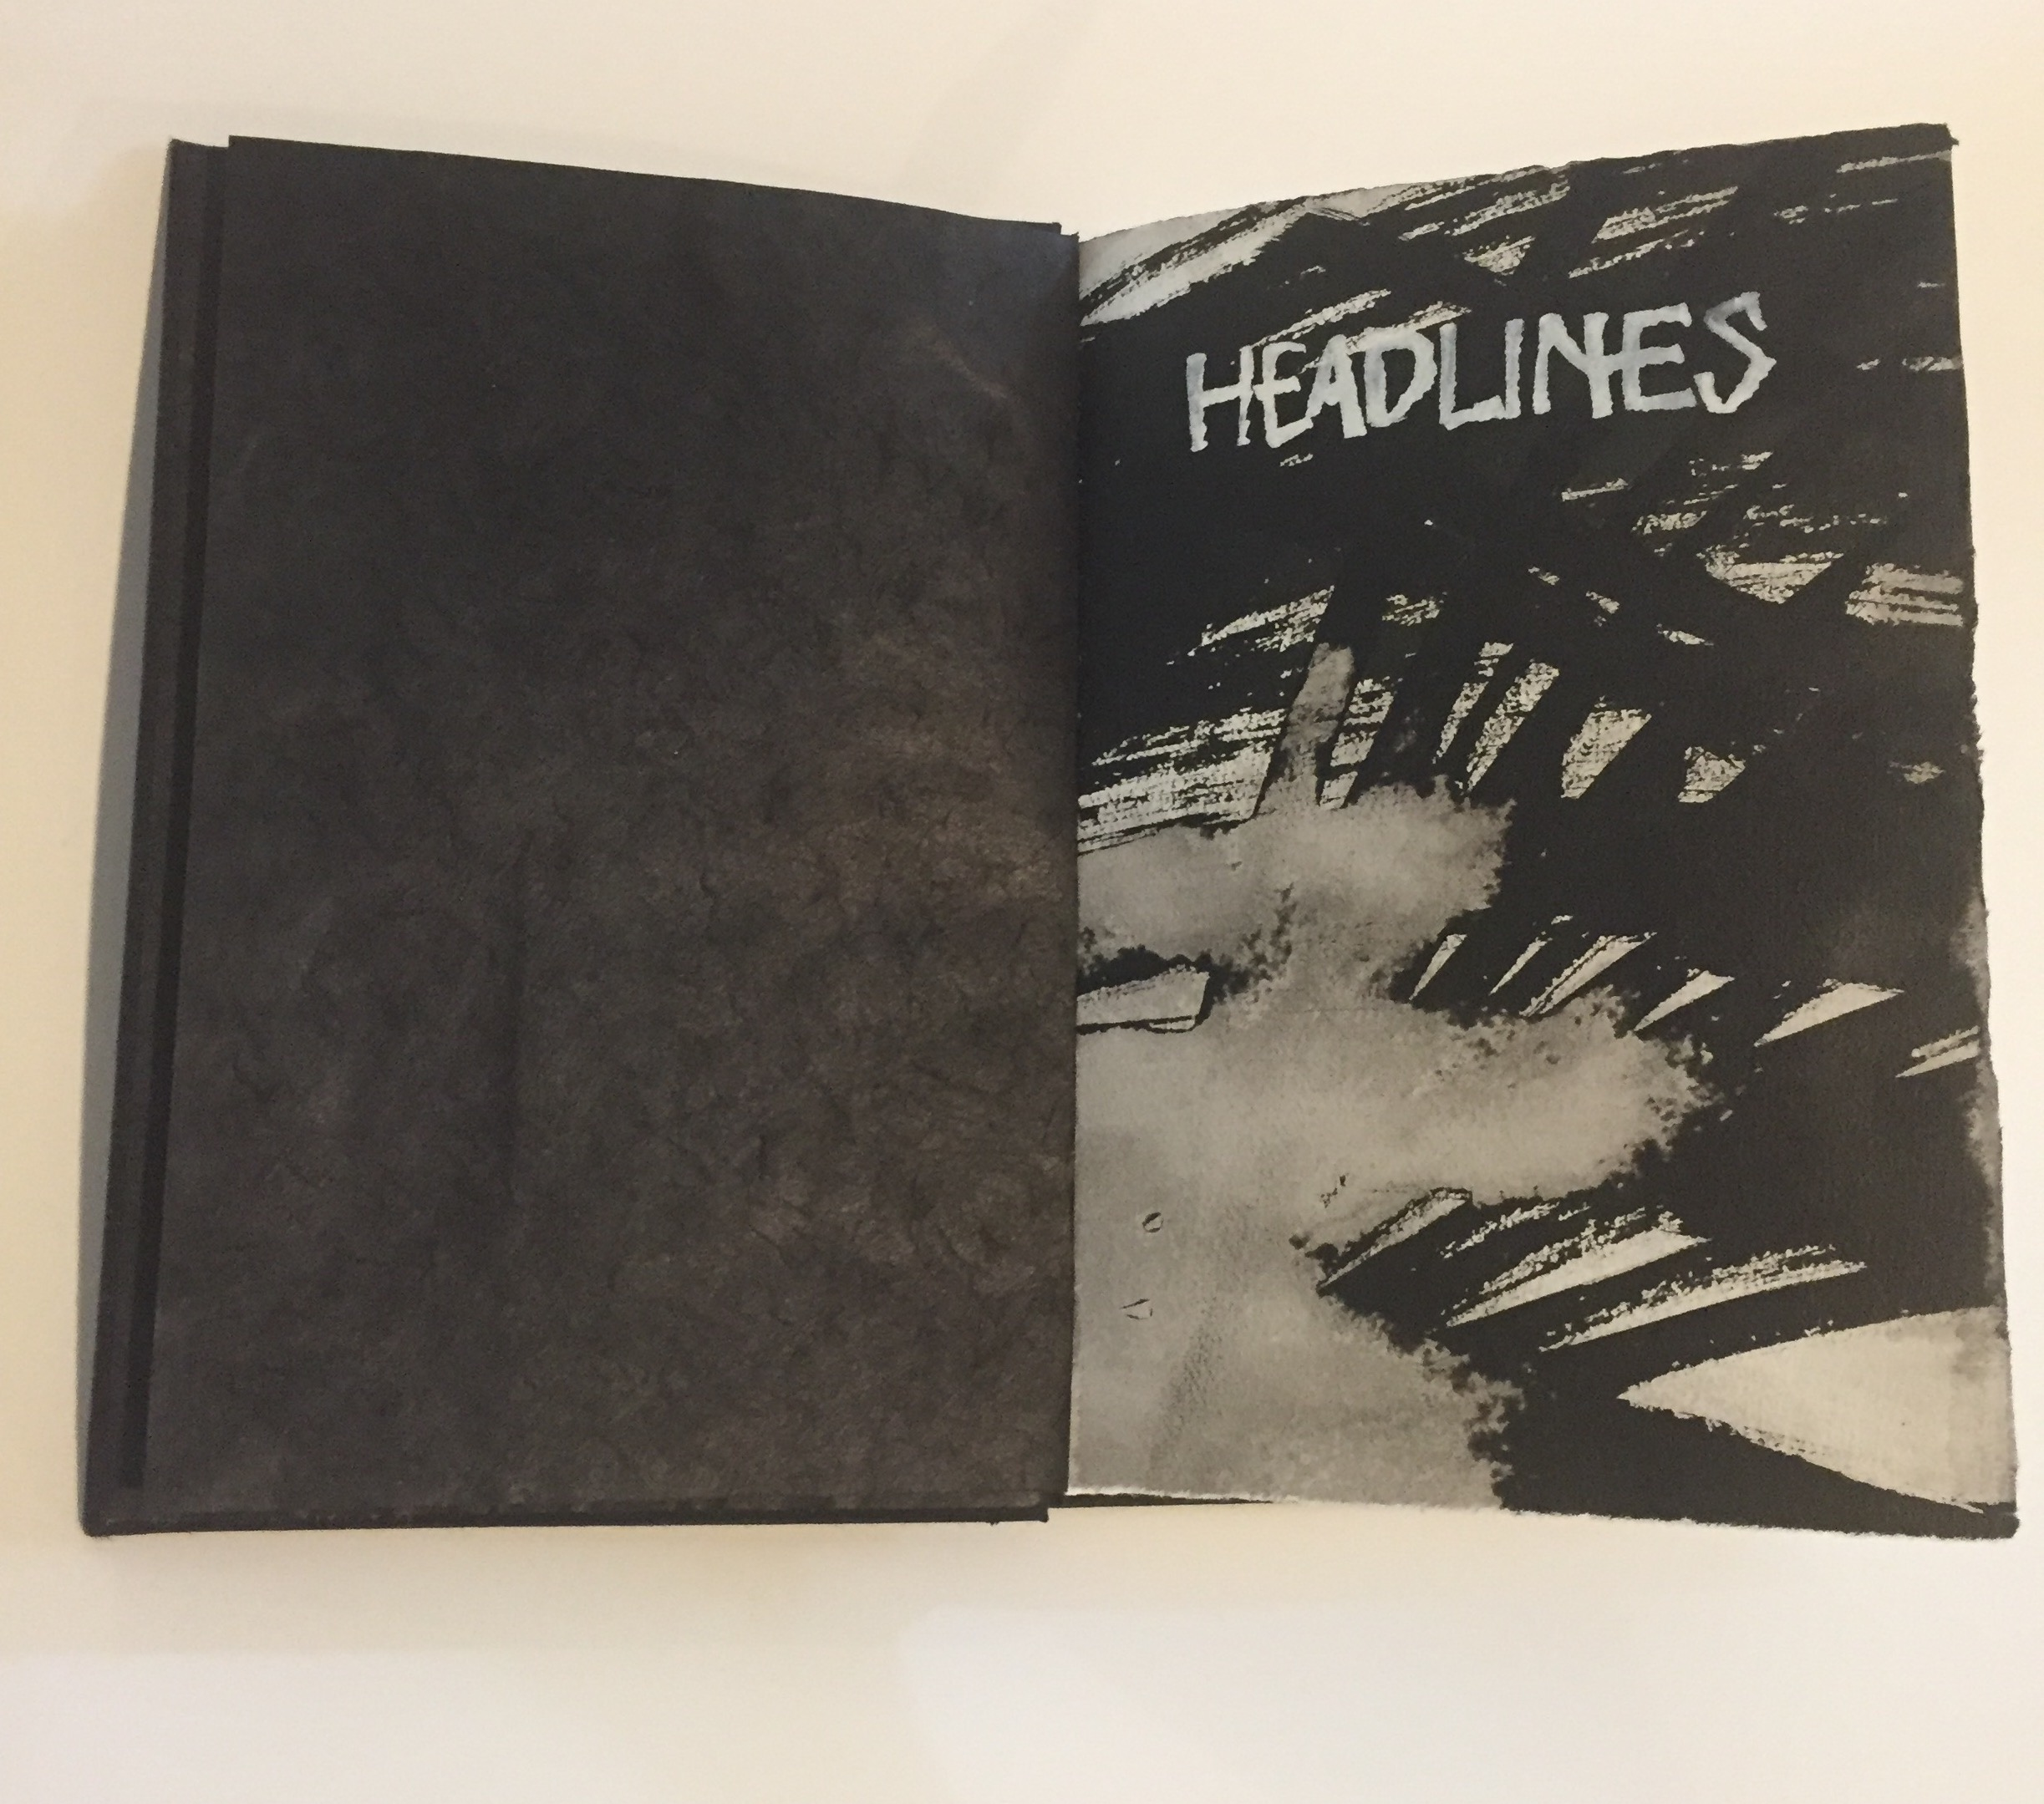 Winakur, Leslie - Headlines-2